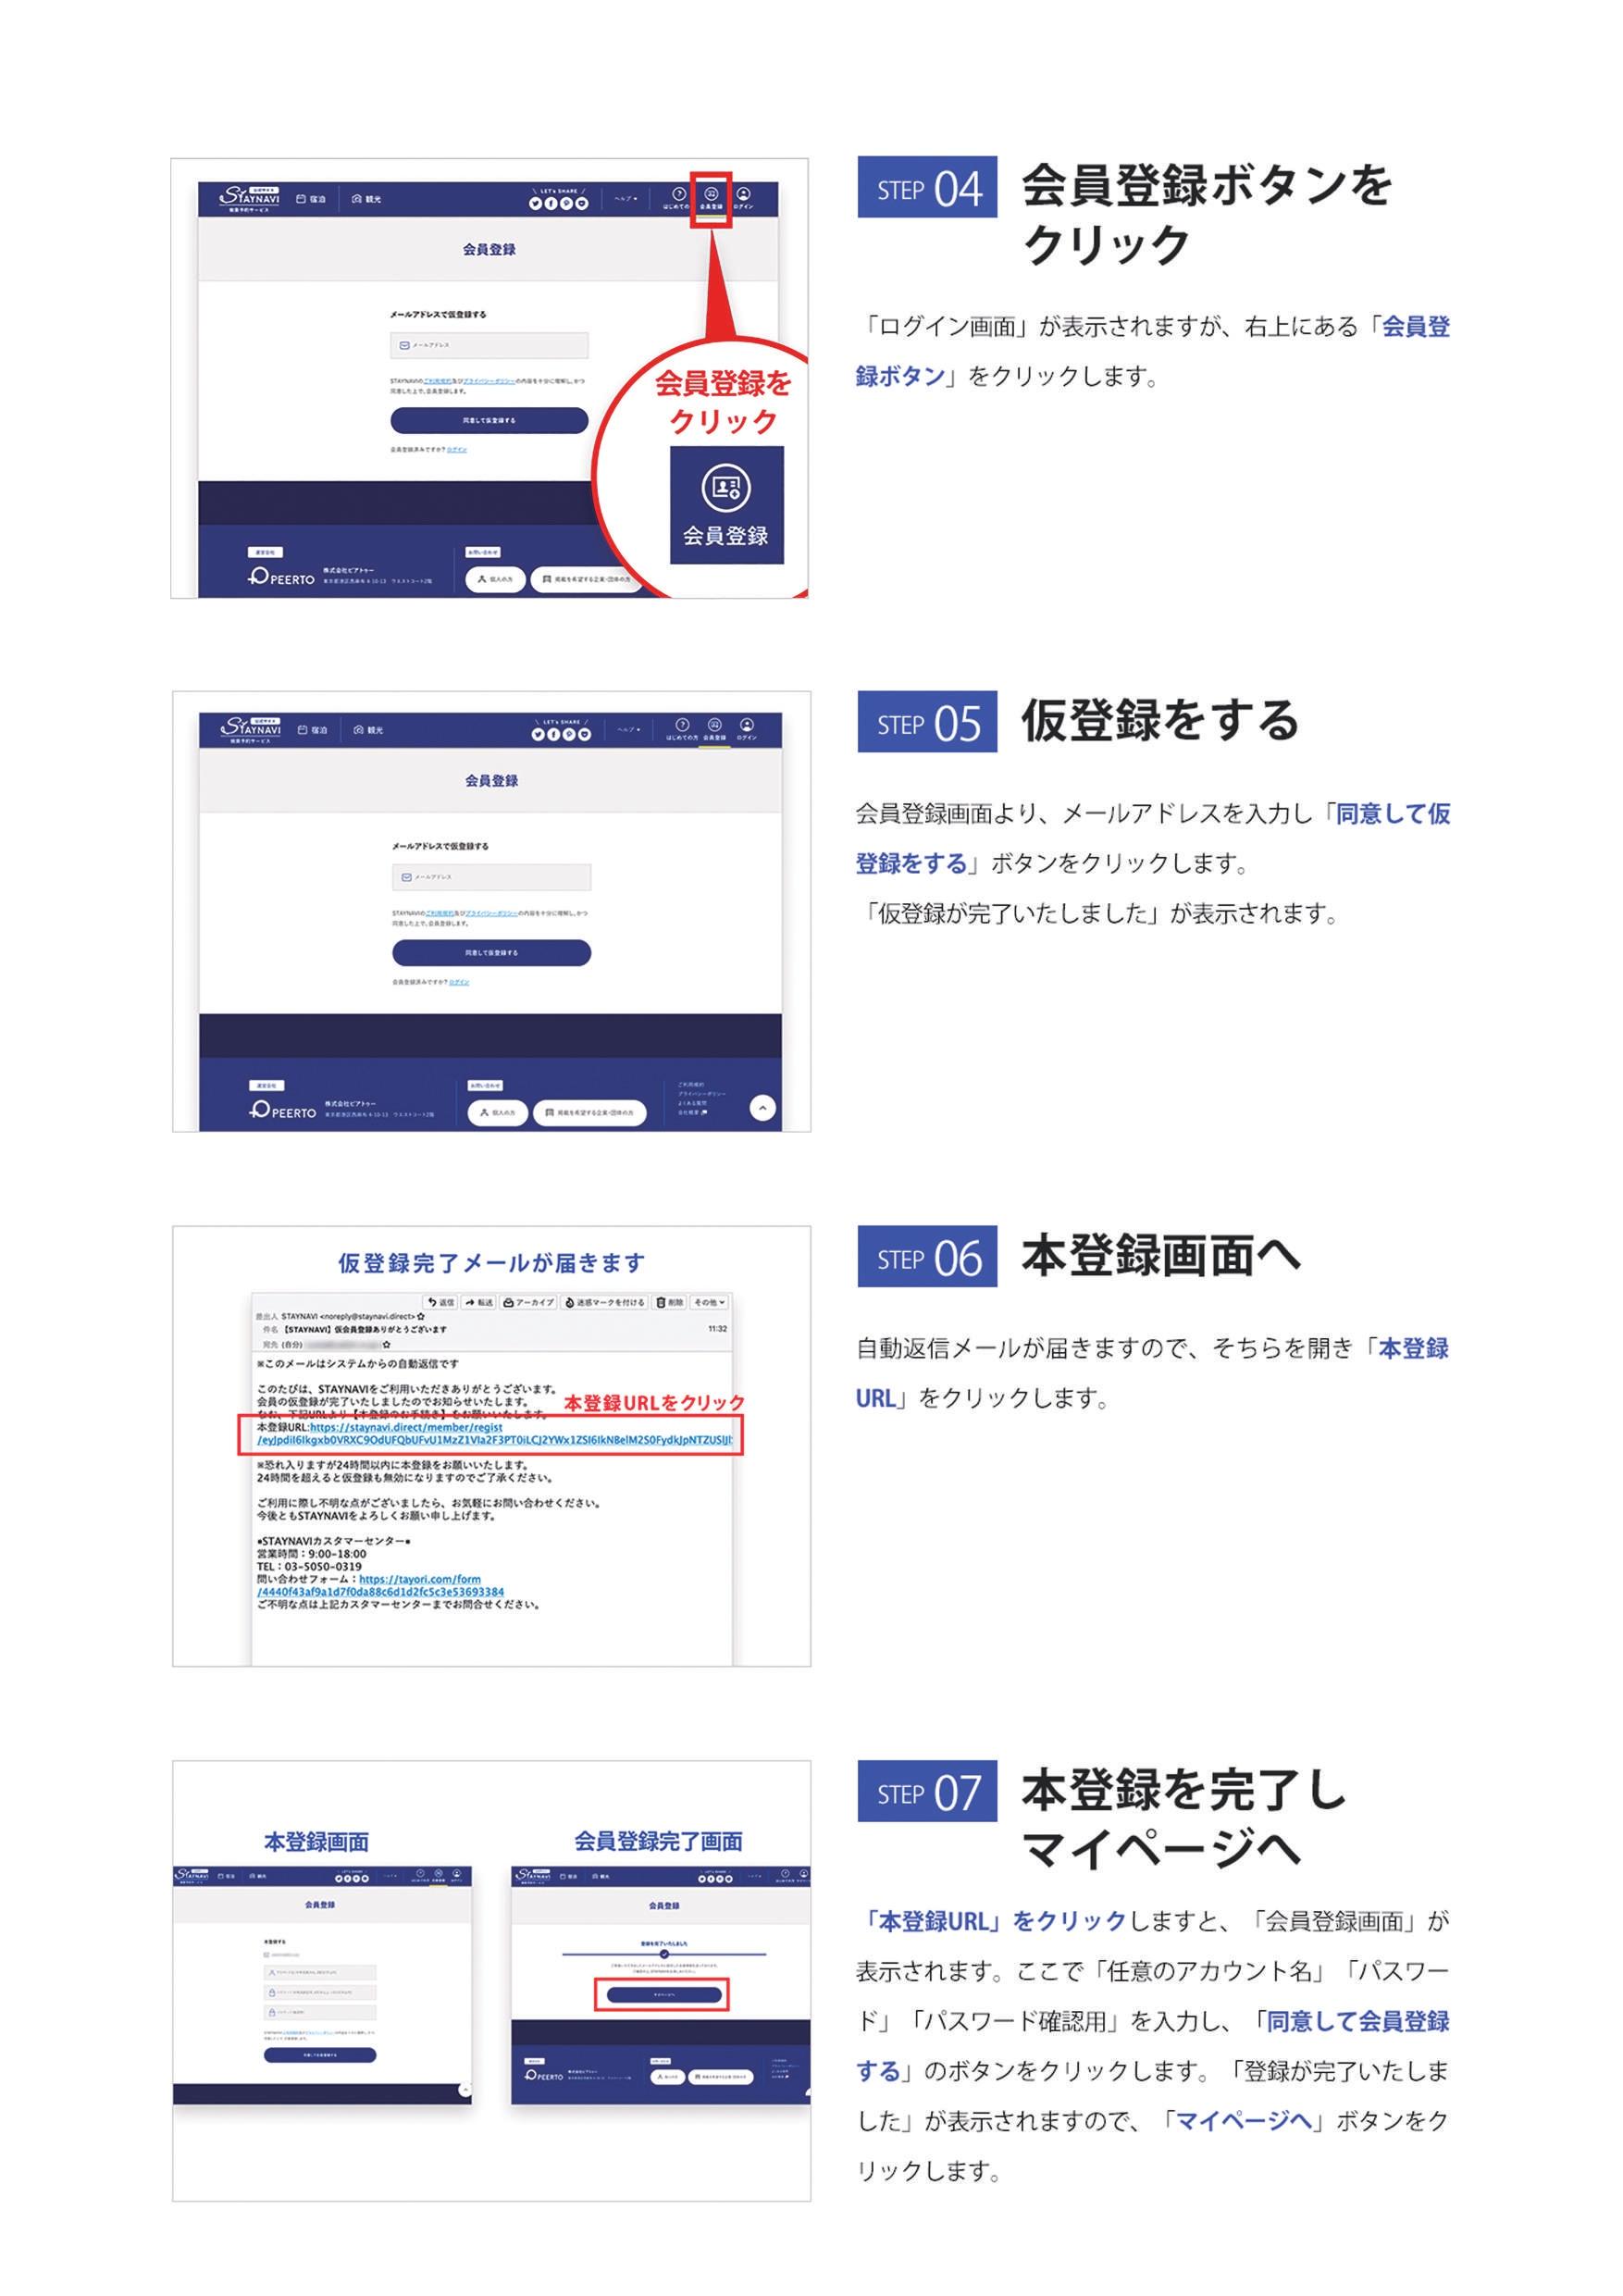 Gotoトラベルキャンペーン予約方法_page-0002